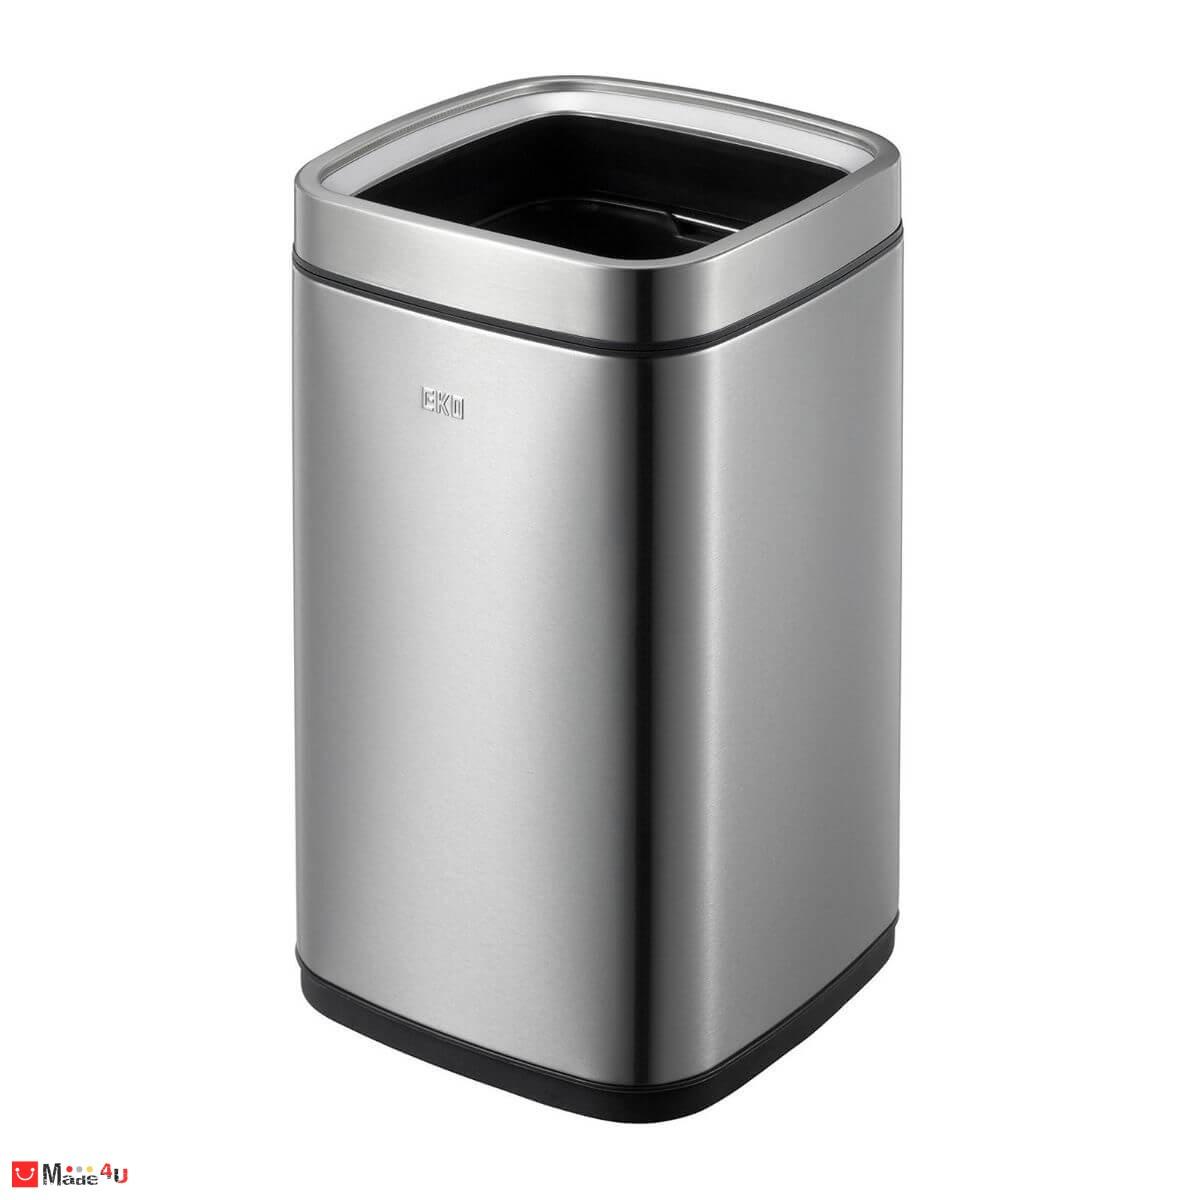 Отворен кош за отпадъци 12 литра - квадратен, модел LAGUNA мат, марка EKO